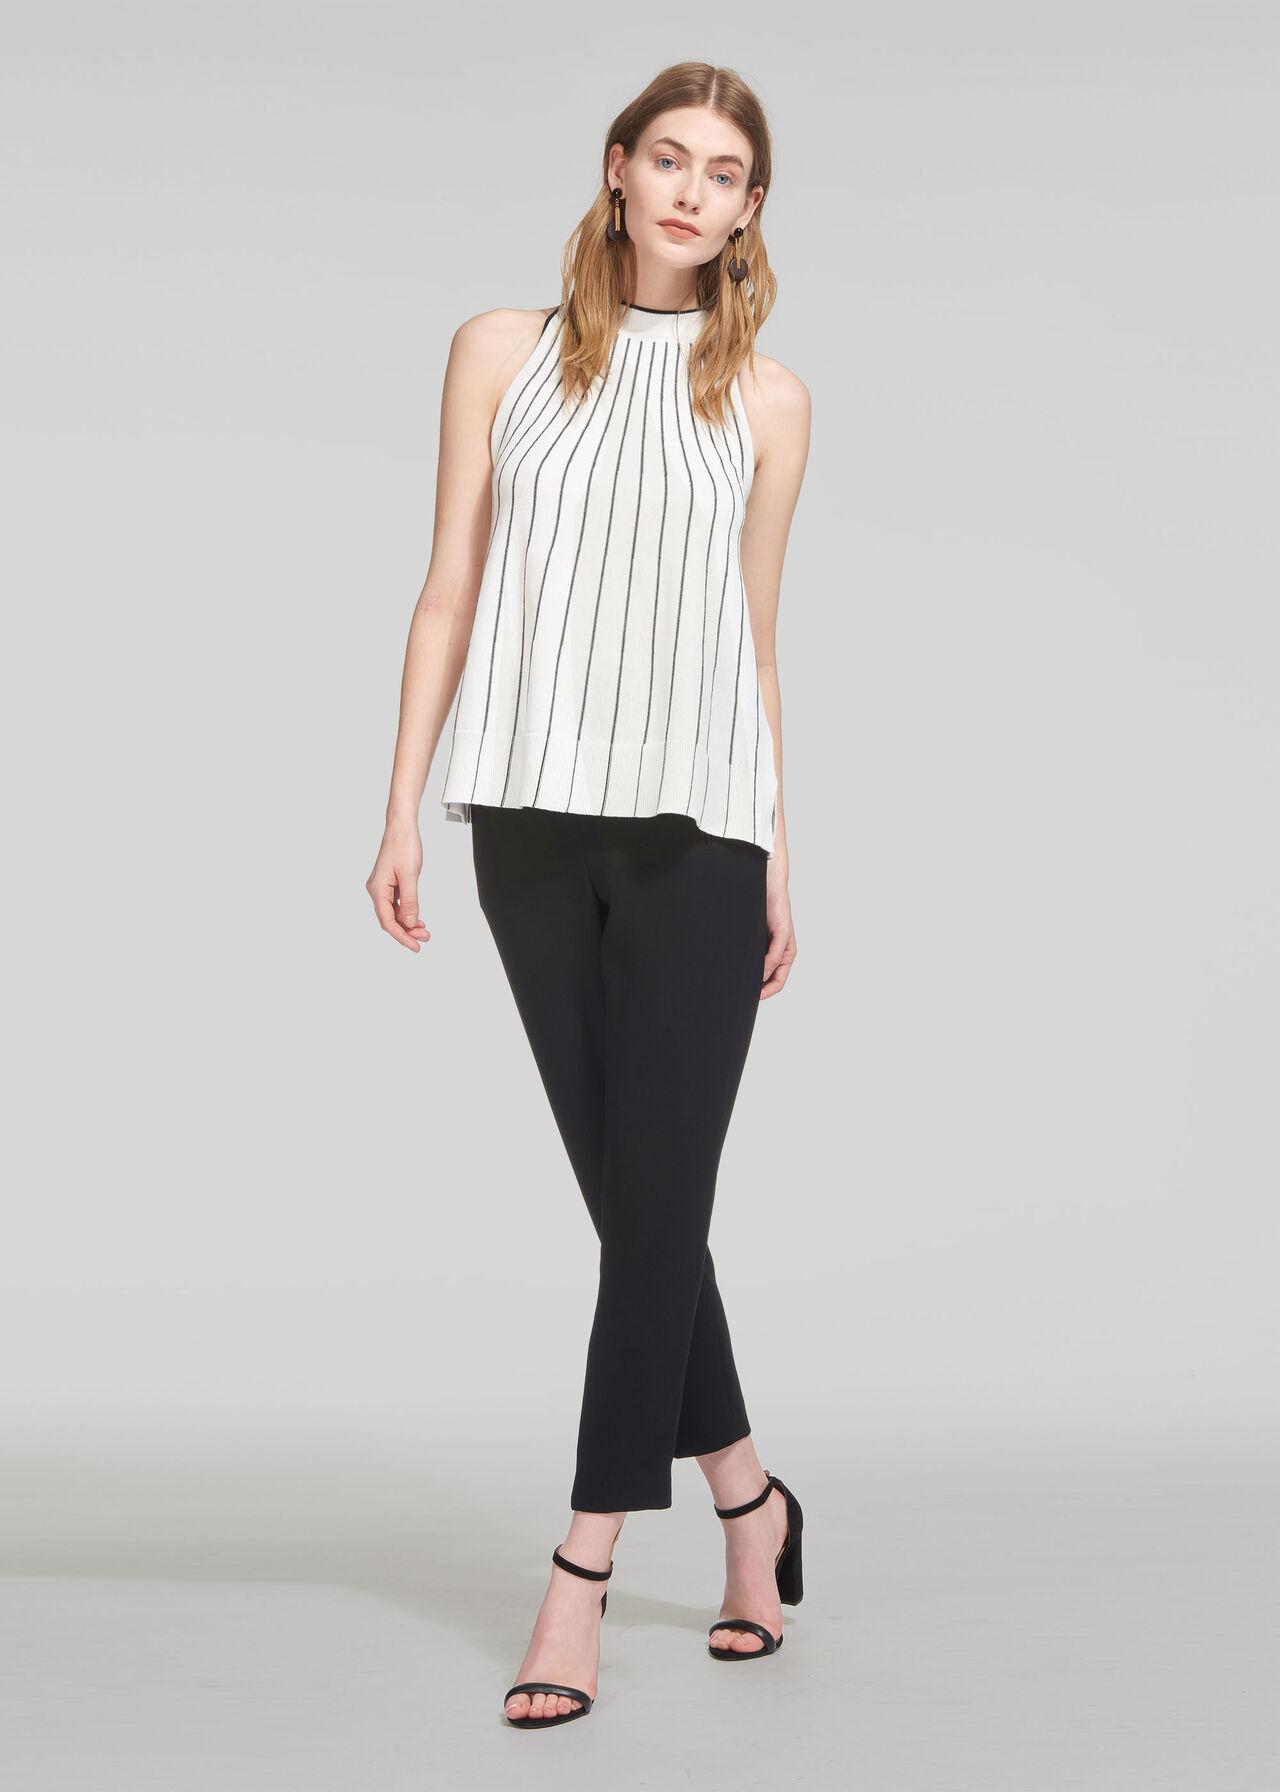 Stripe Trapeze Knit Vest